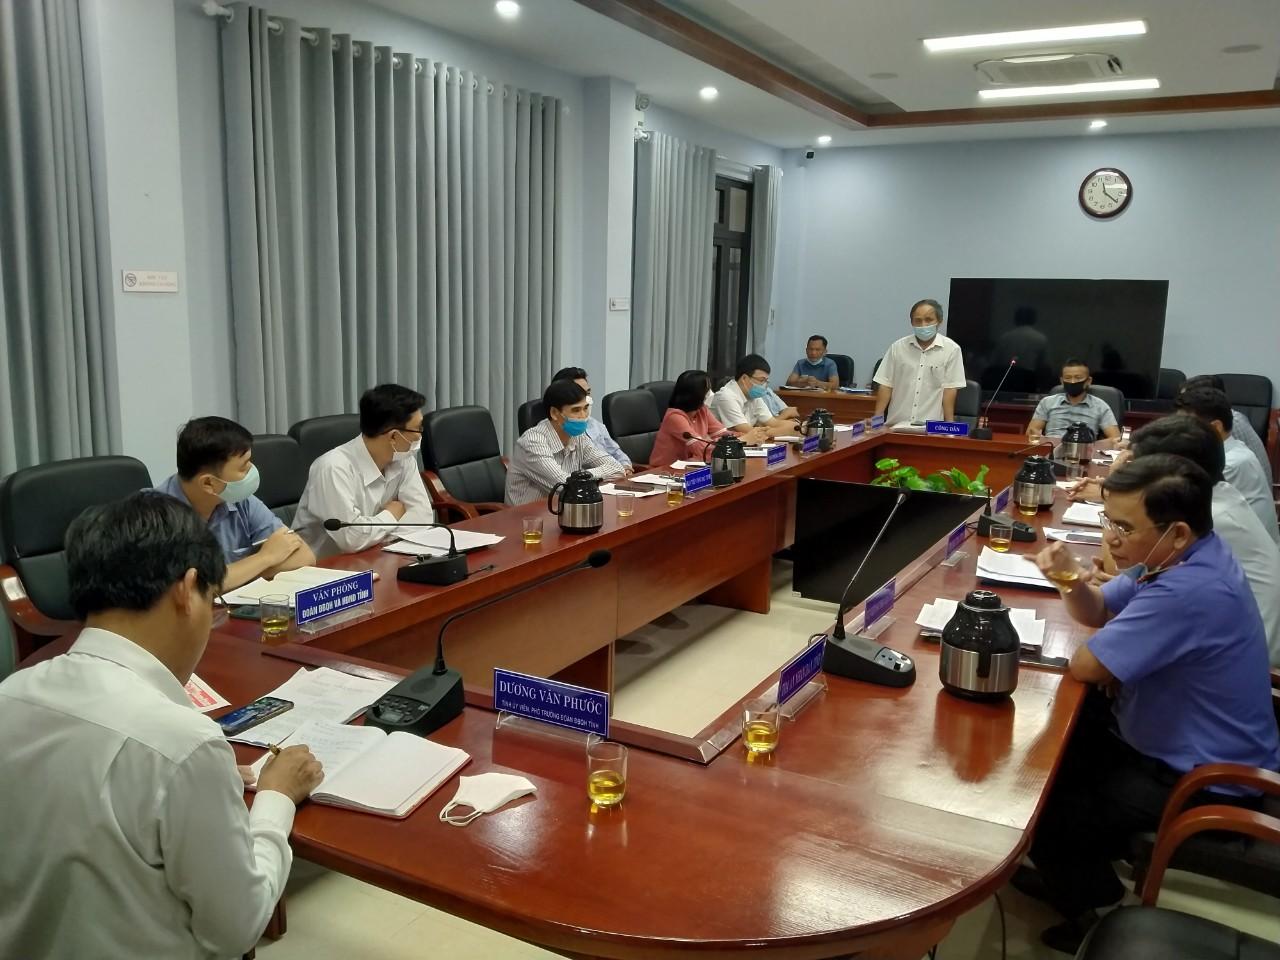 Đoàn đại biểu Quốc hội Quảng Nam xem xét giám sát thi hành án vụ kiện mua bán đất nền lớn nhất miền Trung